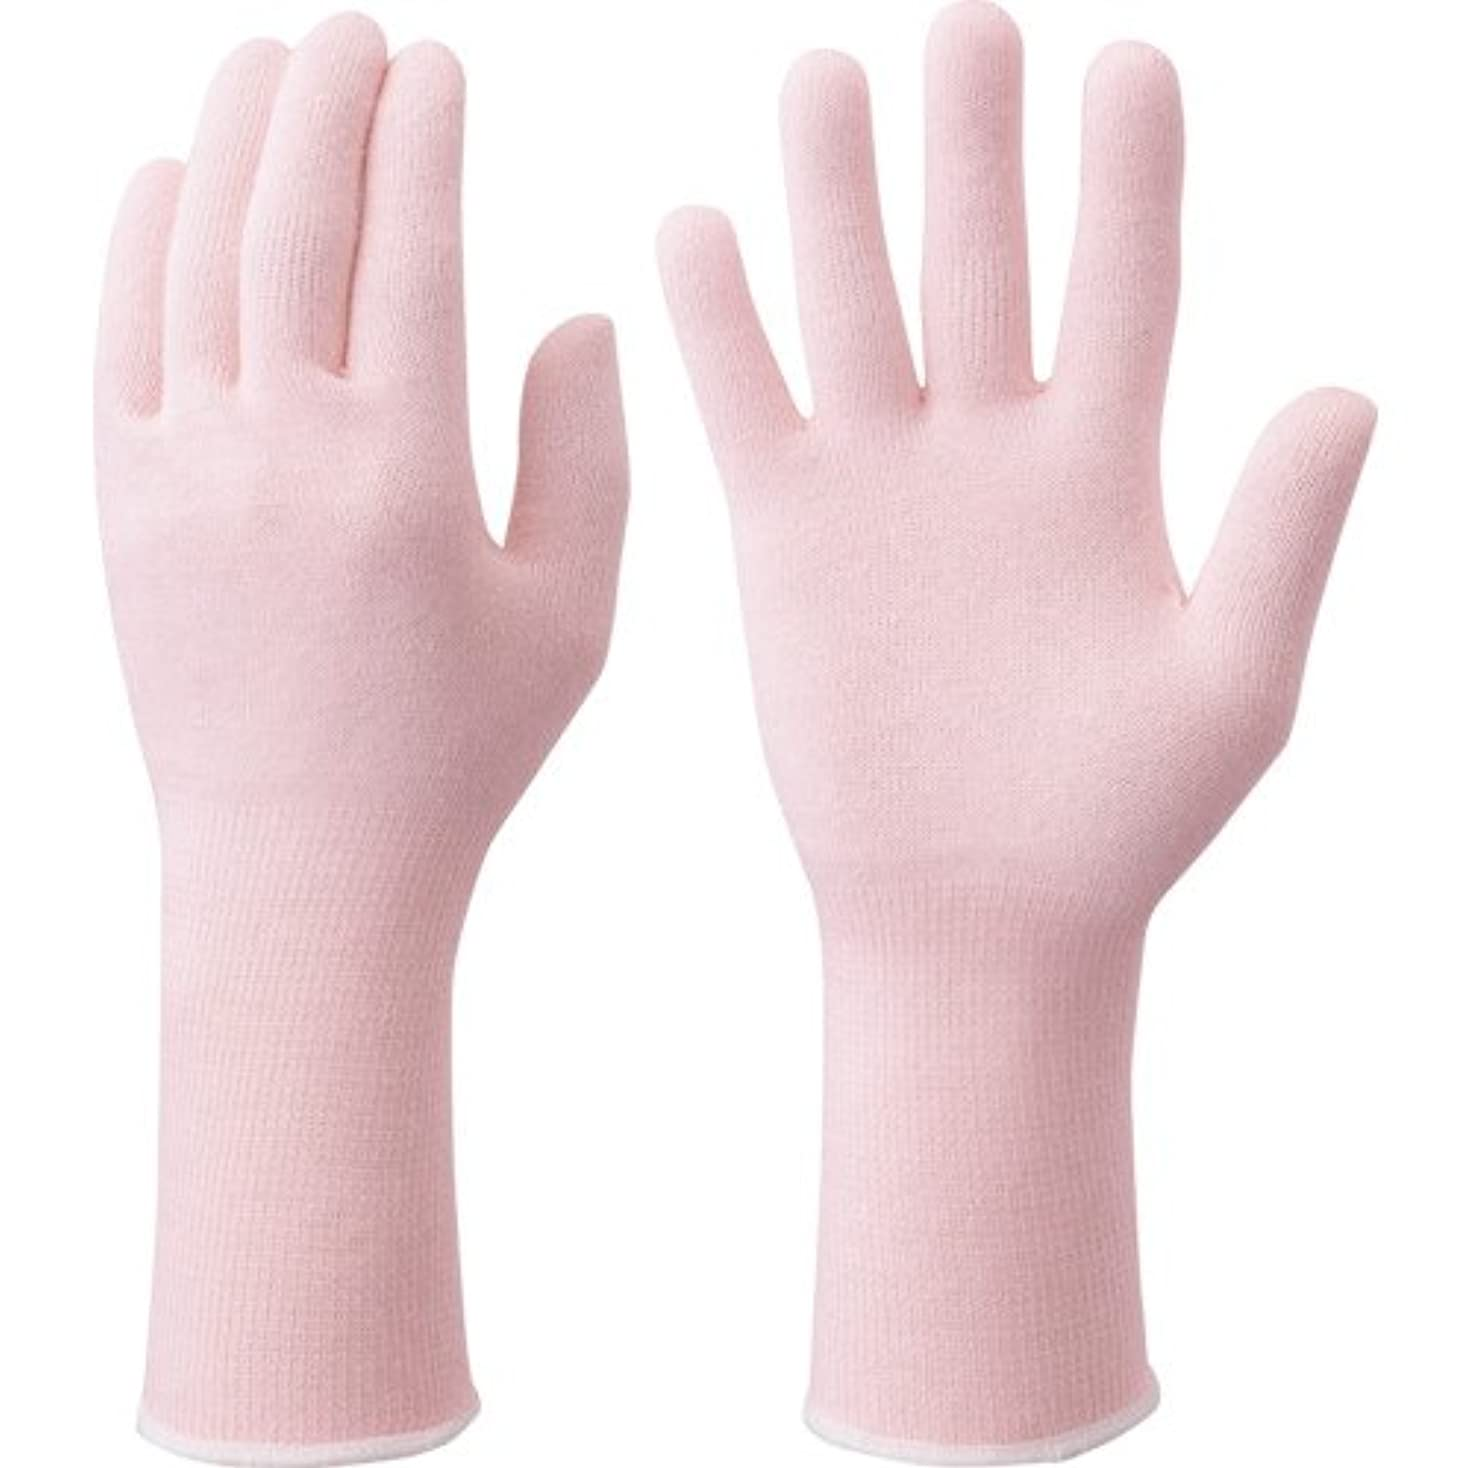 保守的ミシン目無臭手肌をいたわる手袋フリーピンク